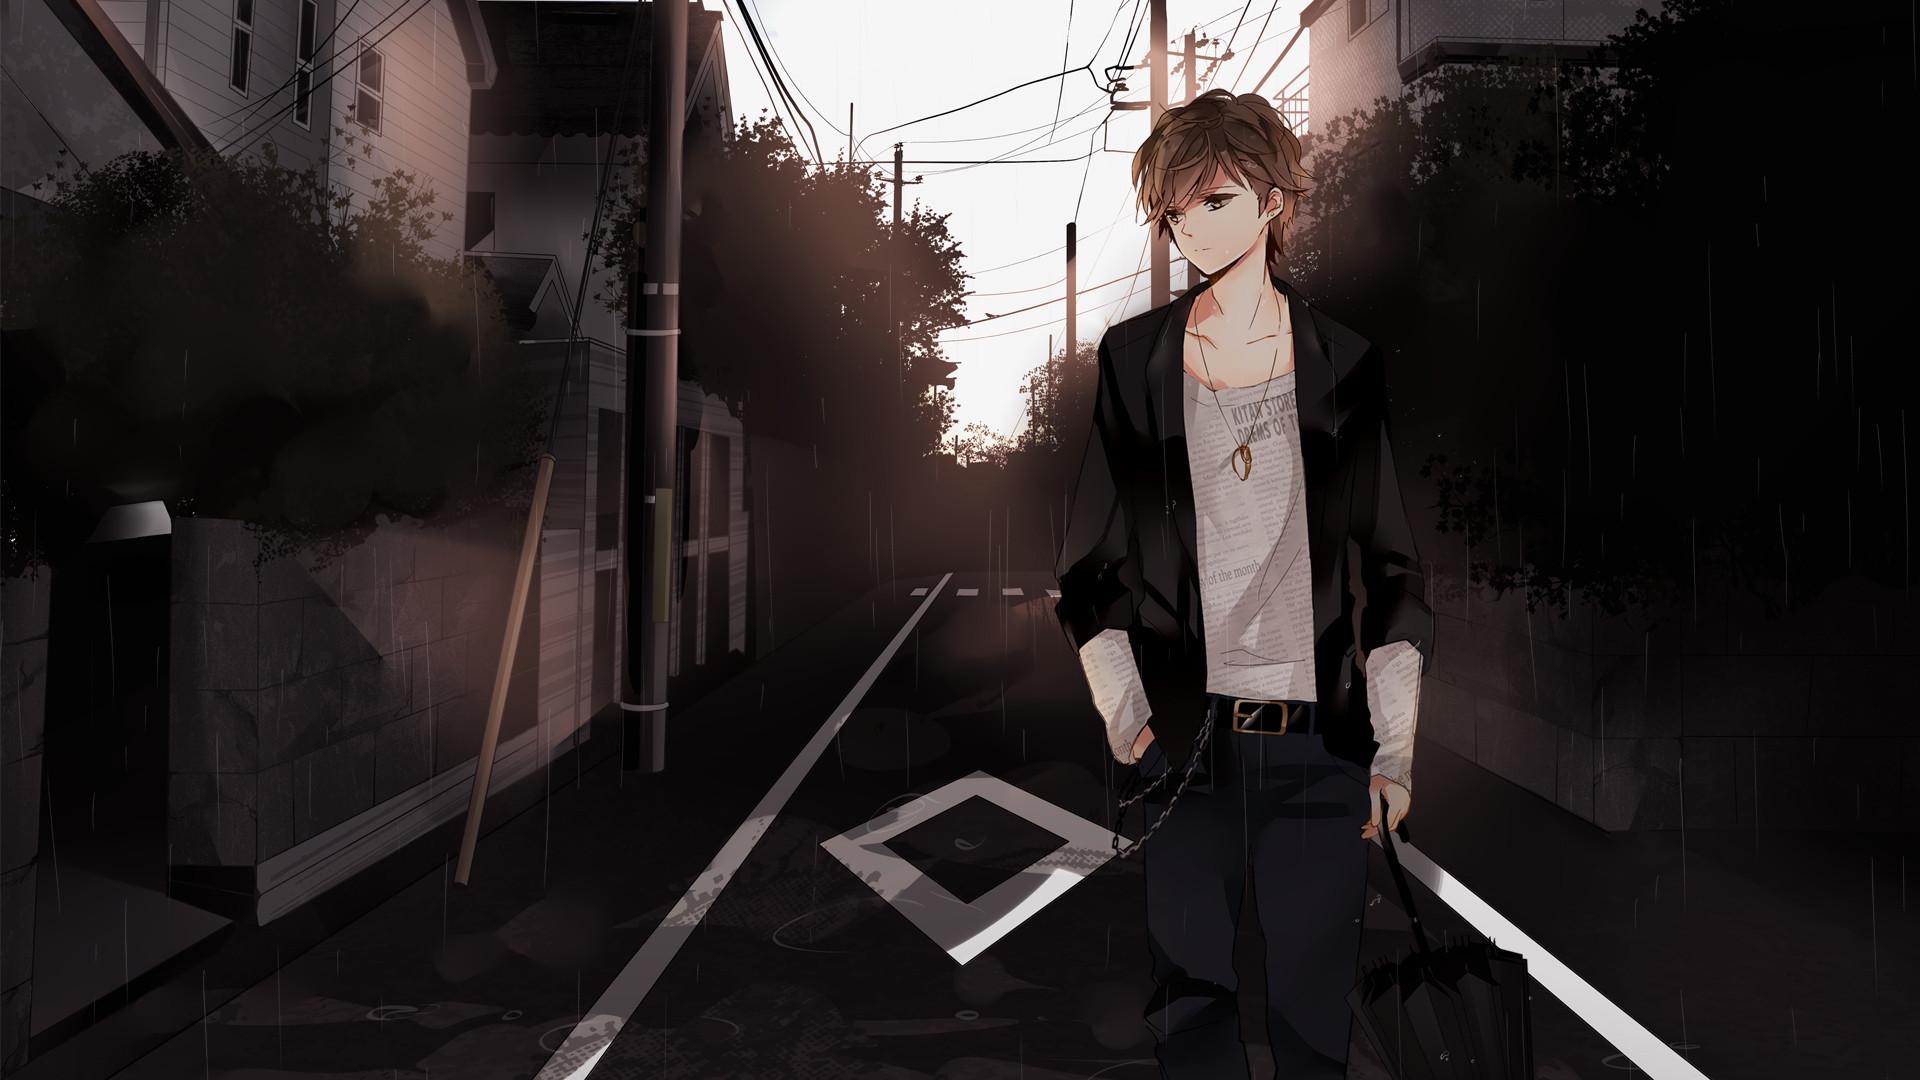 Anime Lover Broken Hearted Sad Anime Boy Wallpaper